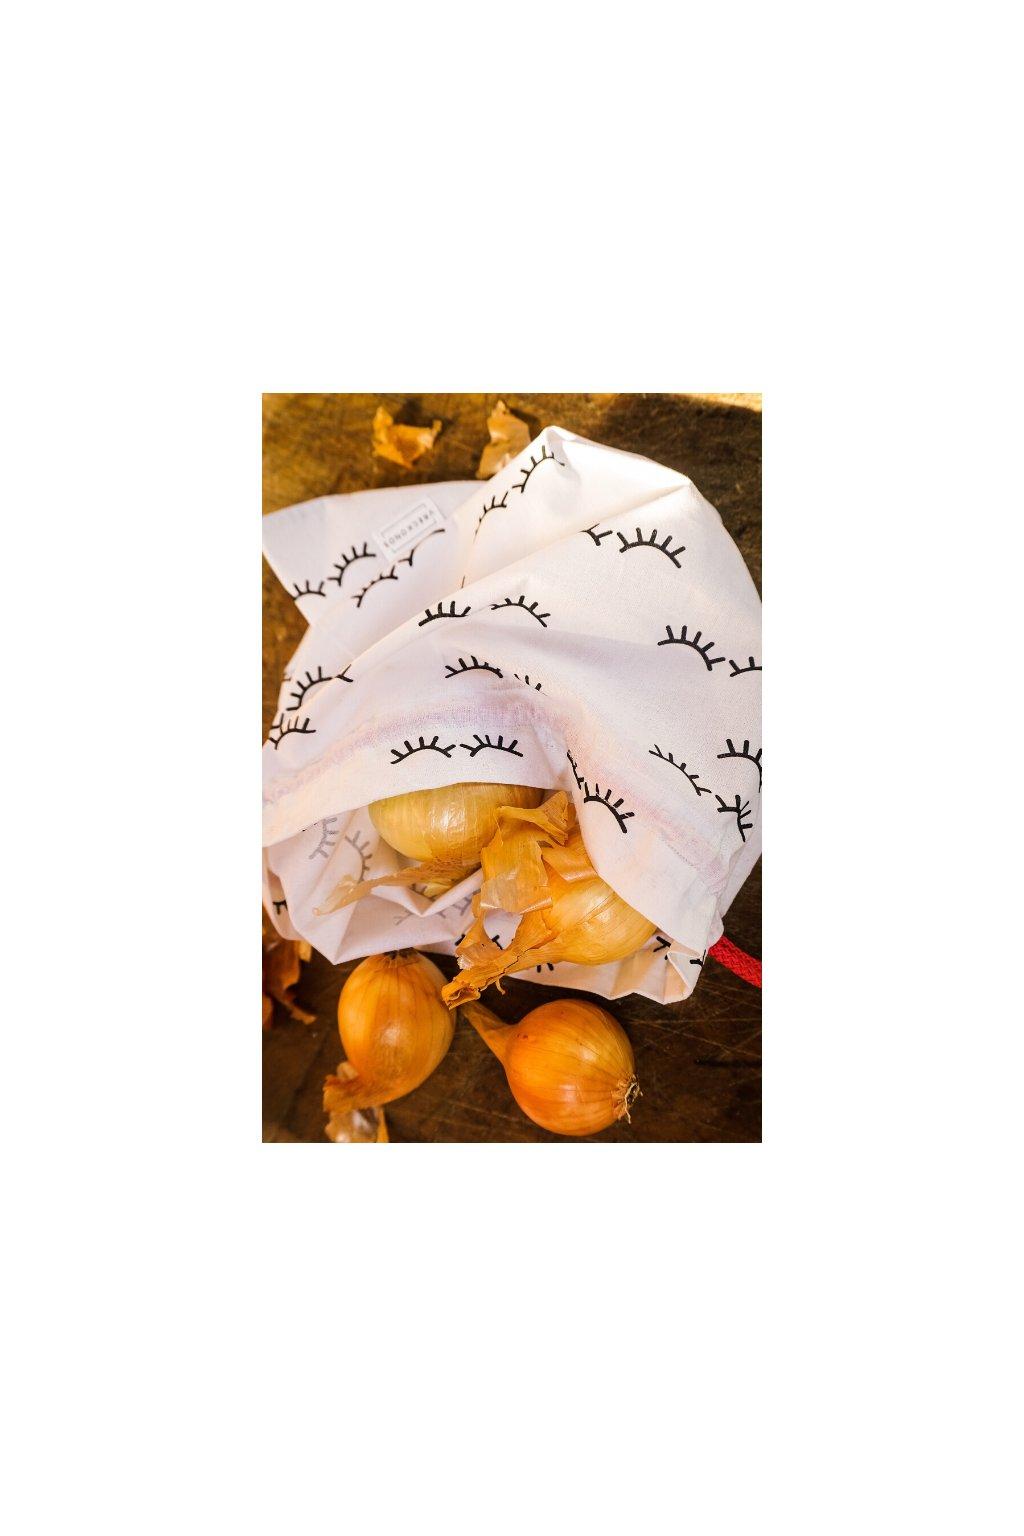 látkové bavlnené vrecko na nákup ovocia, zeleniny a pečiva Vreckonos